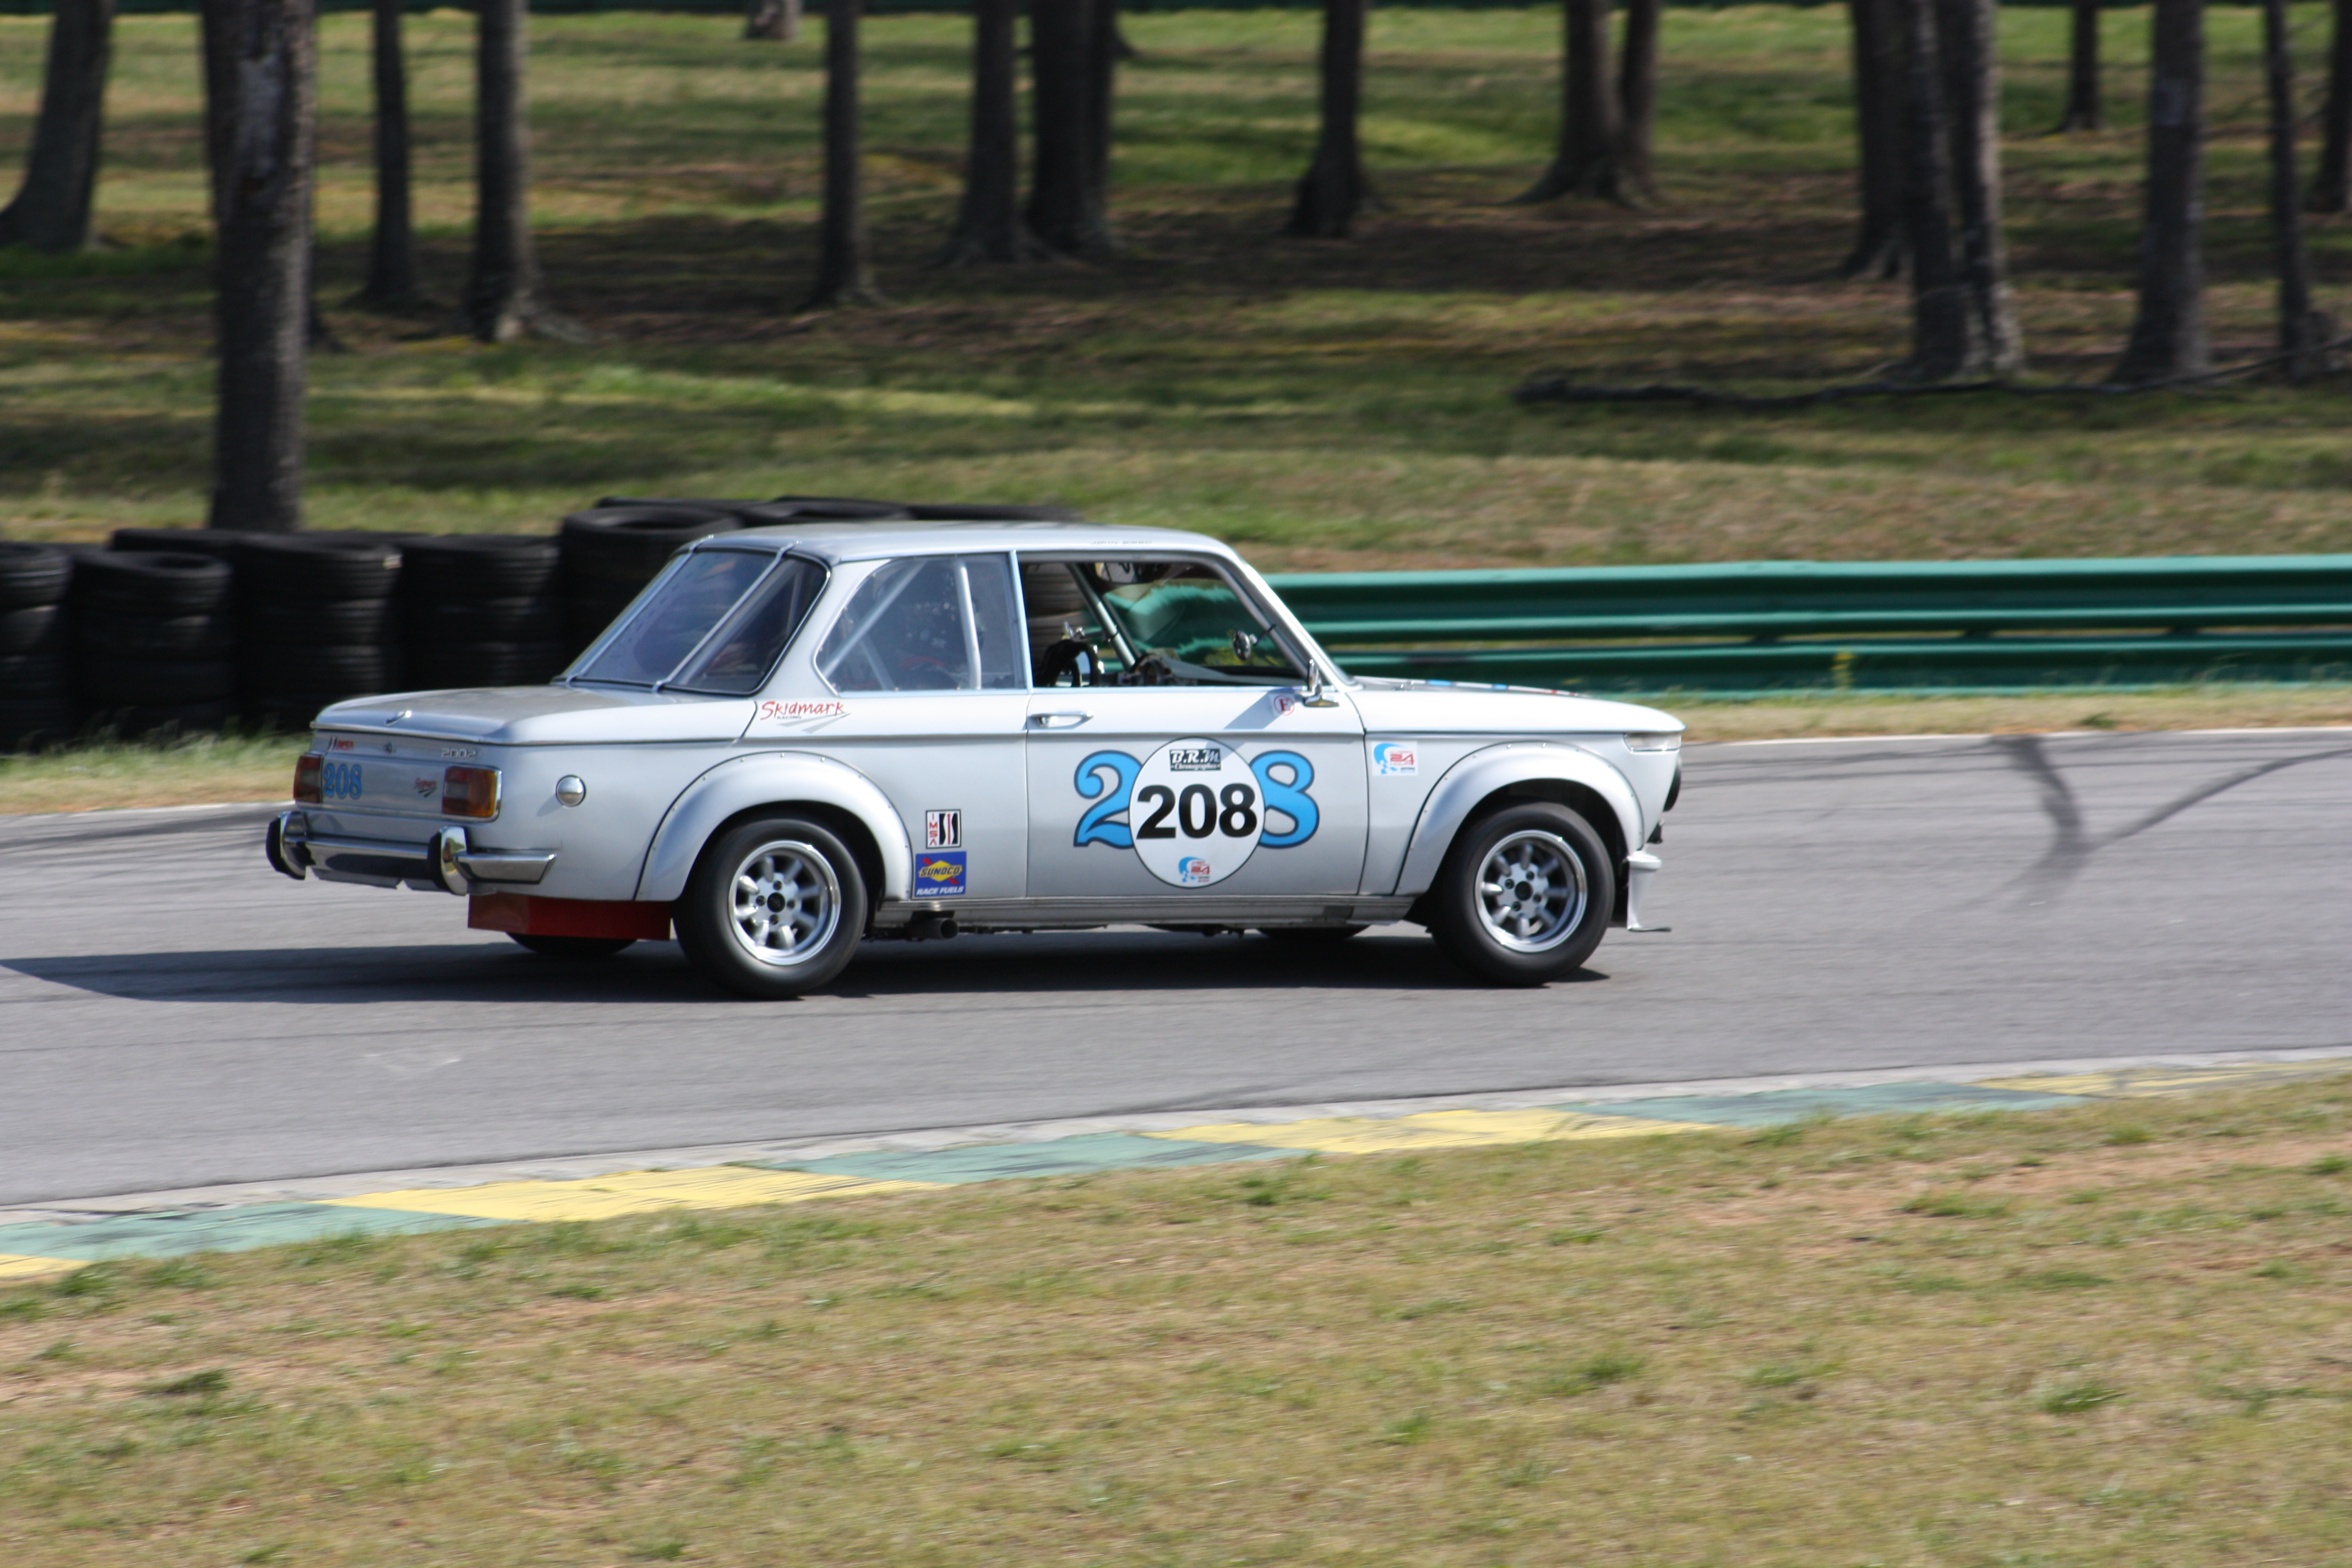 Skidmark Racing Street Car or Race Car to be built - Cars for Sale ...